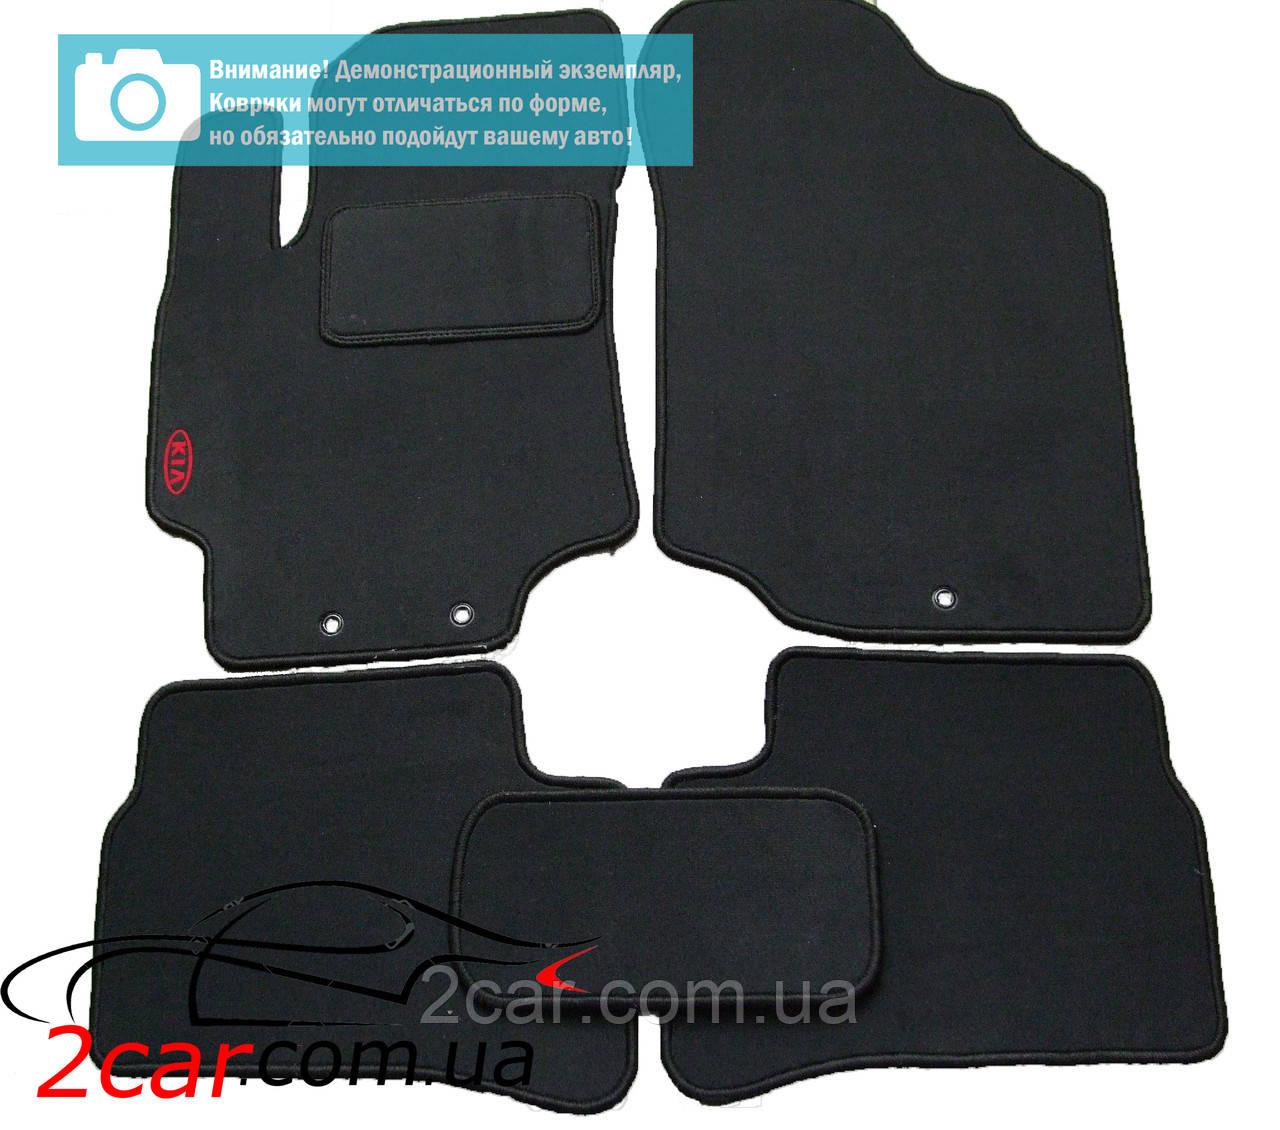 Текстильные коврики в салон для Mazda 626 (GD/GV) (1987-1991) (чёрный)